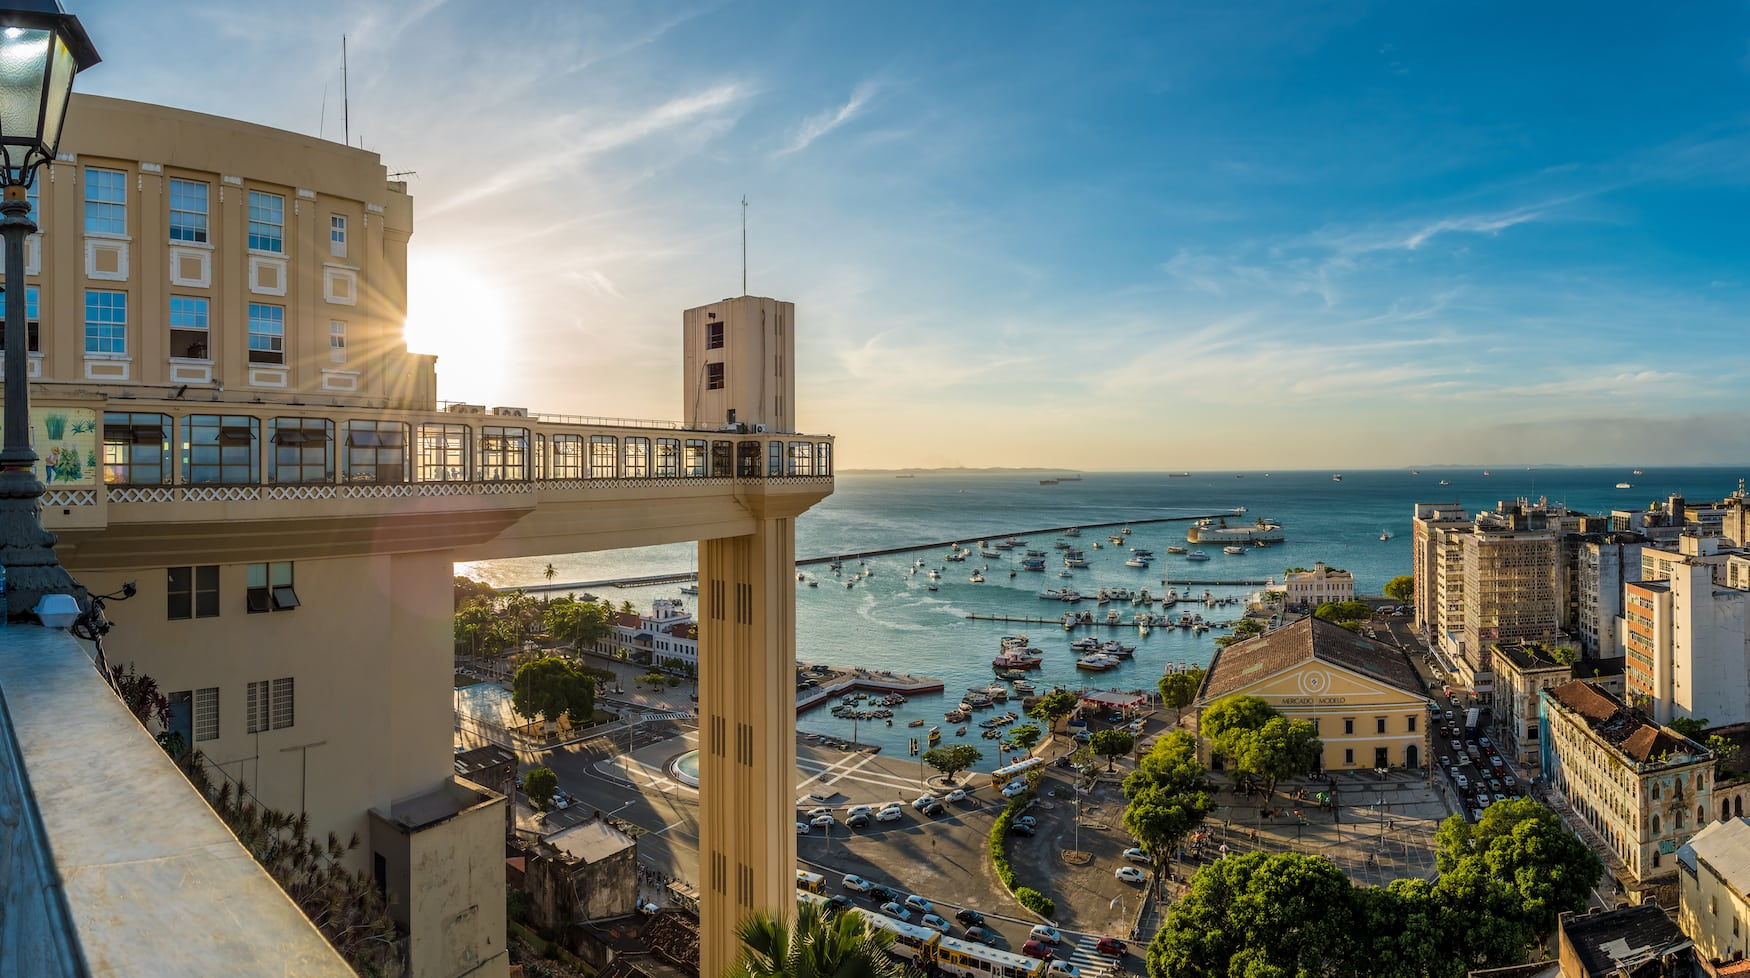 Aufzug Lacerda in Salvador da Bahia, der die Ober- und Unterstadt miteinander verbindet